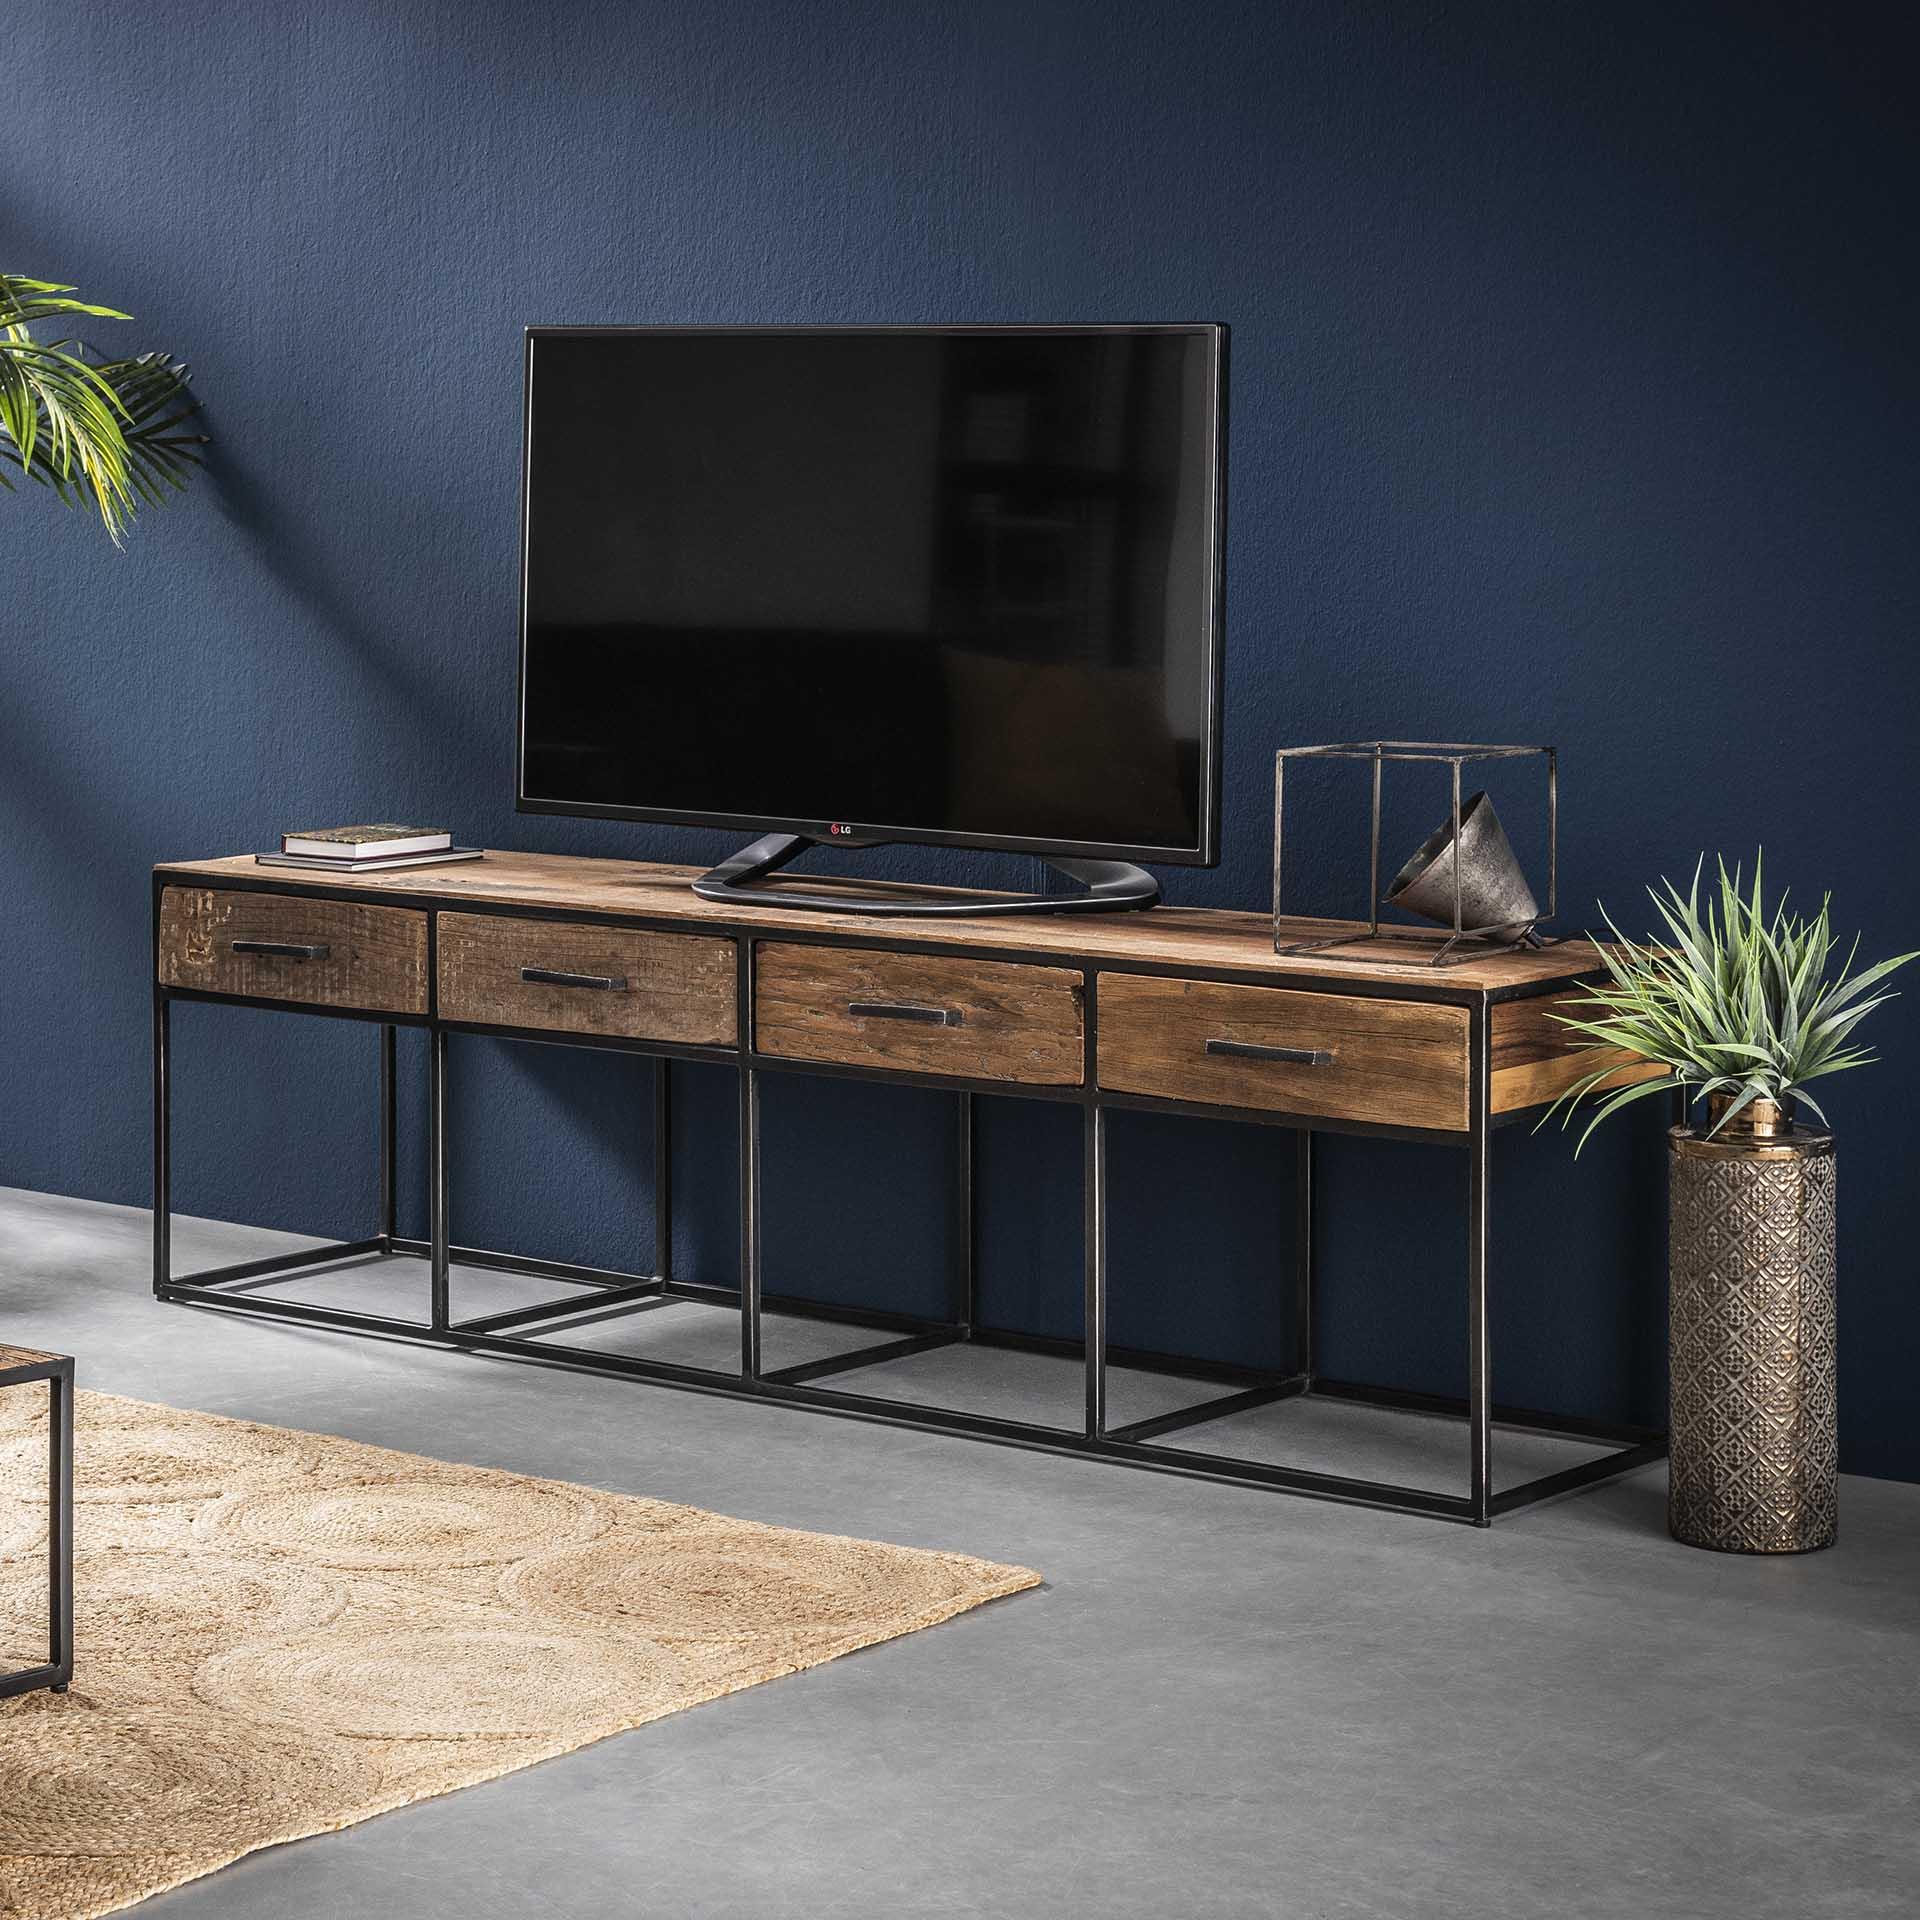 meuble tv bois recycle brut acier 4 tiroirs wellington meubles tv pier import